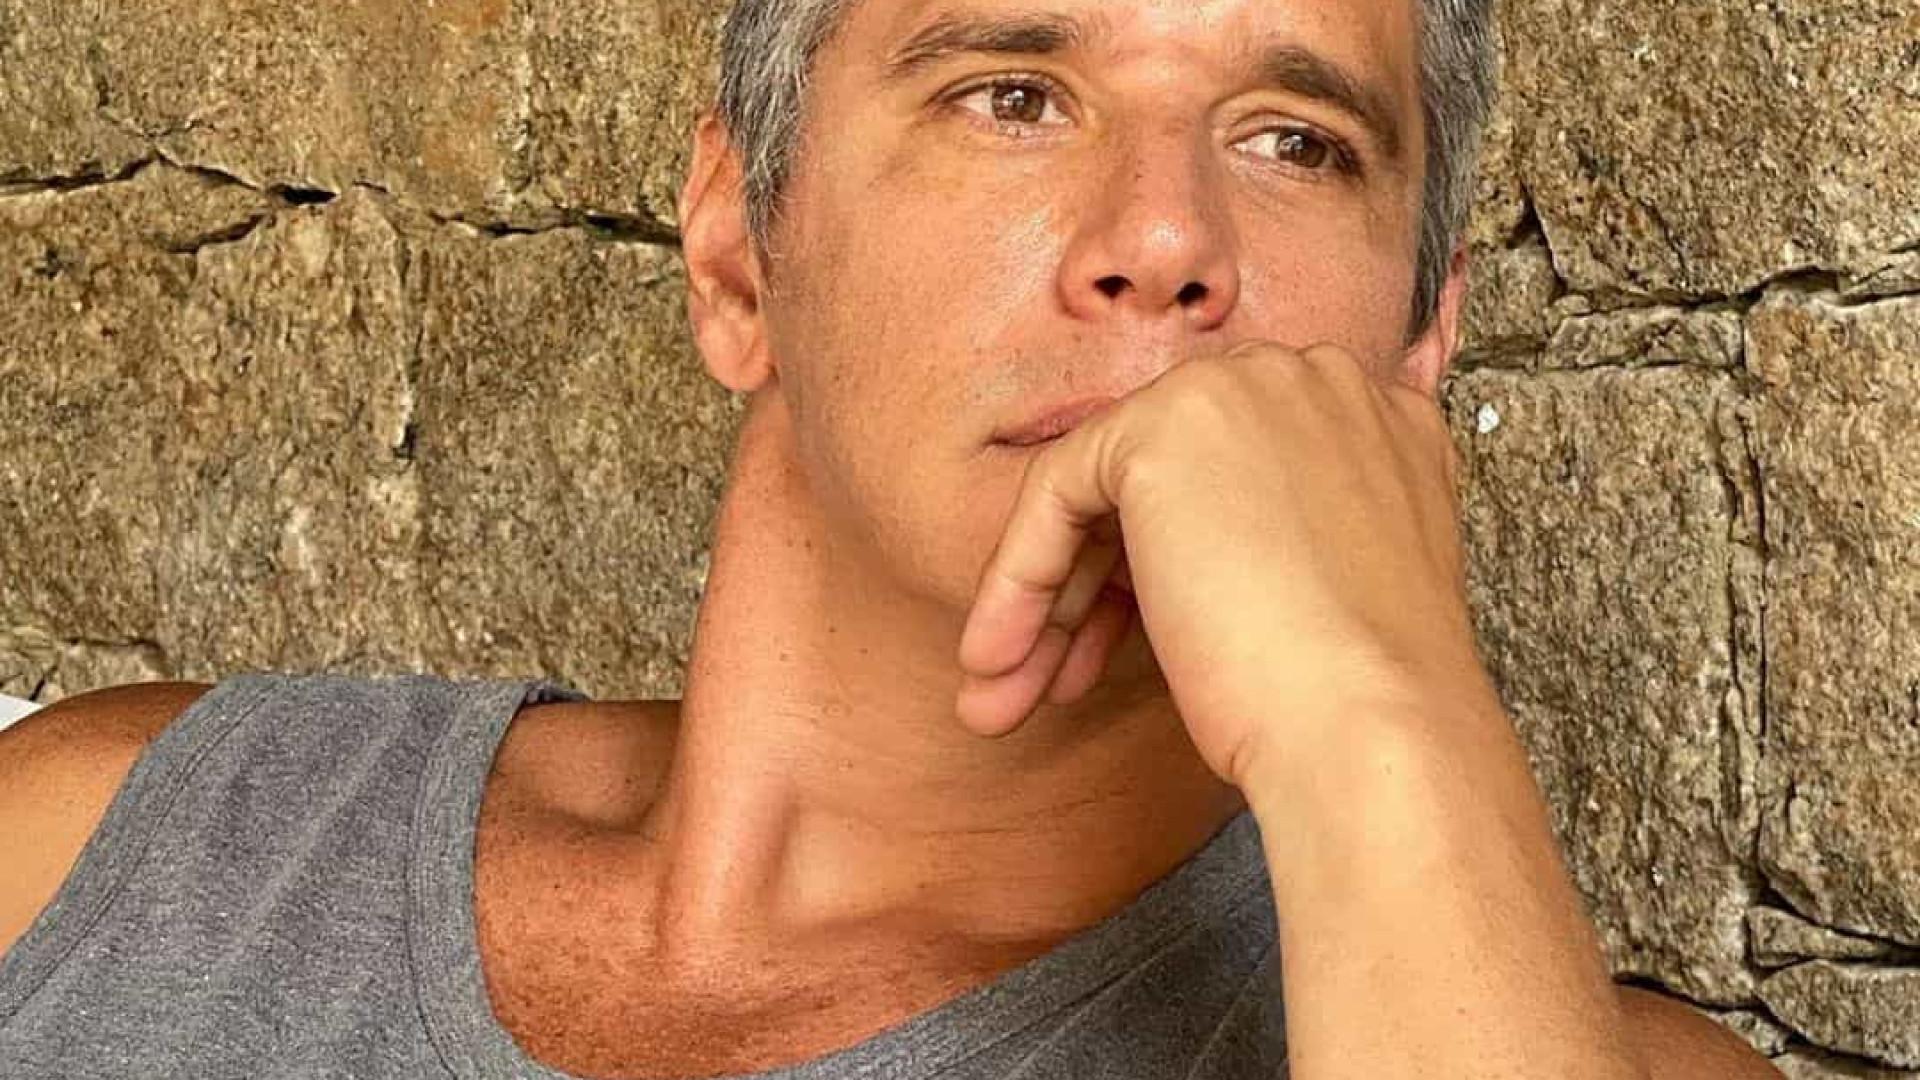 Márcio Garcia diz que evita pensar em mudanças e que vive o presente